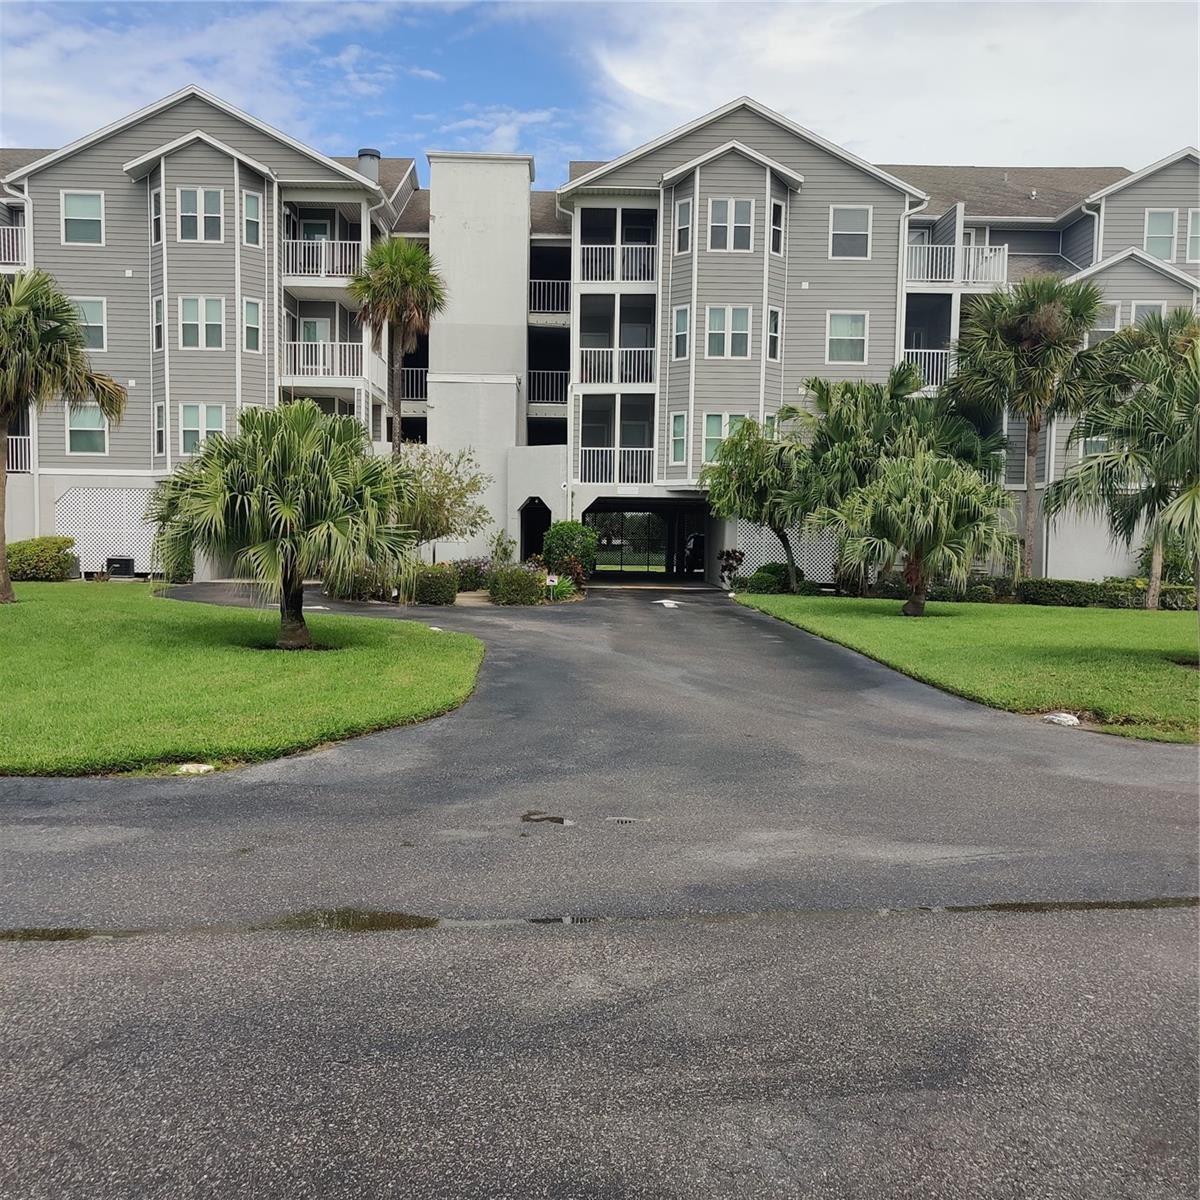 5727 BISCAYNE COURT #305, New Port Richey, FL 34652 - #: U8137019